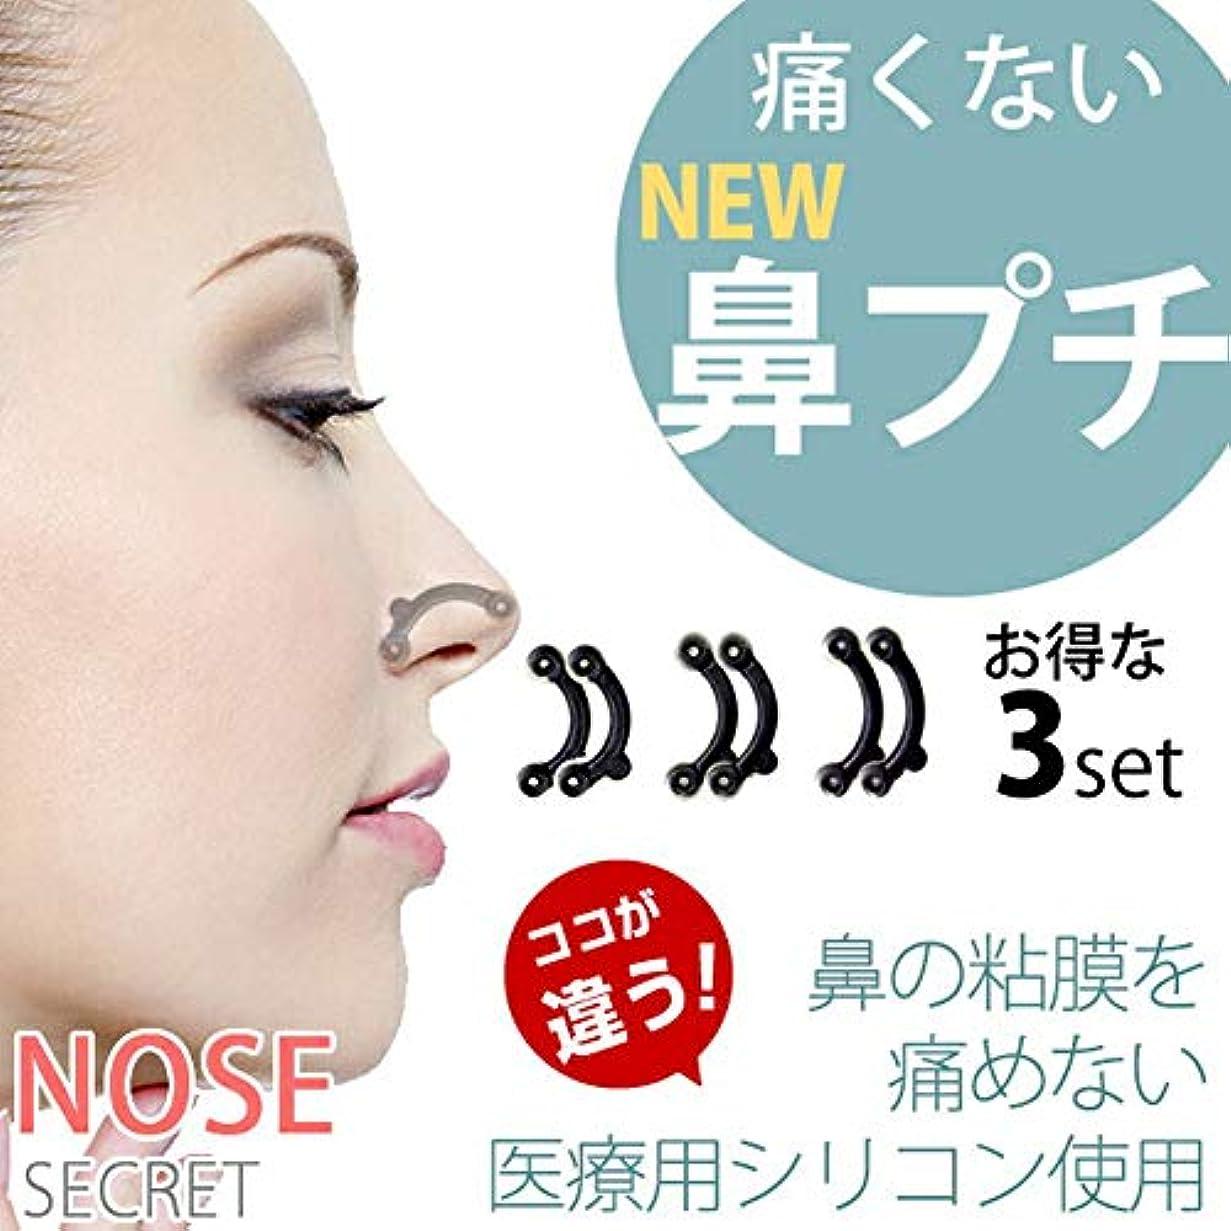 近傍カリキュラム慣らす鼻プチ 柔軟性高く Viconaビューティー正規品 ハナのアイプチ 矯正プチ 整形せず 23mm/24.5mm/26mm全3サイズセット